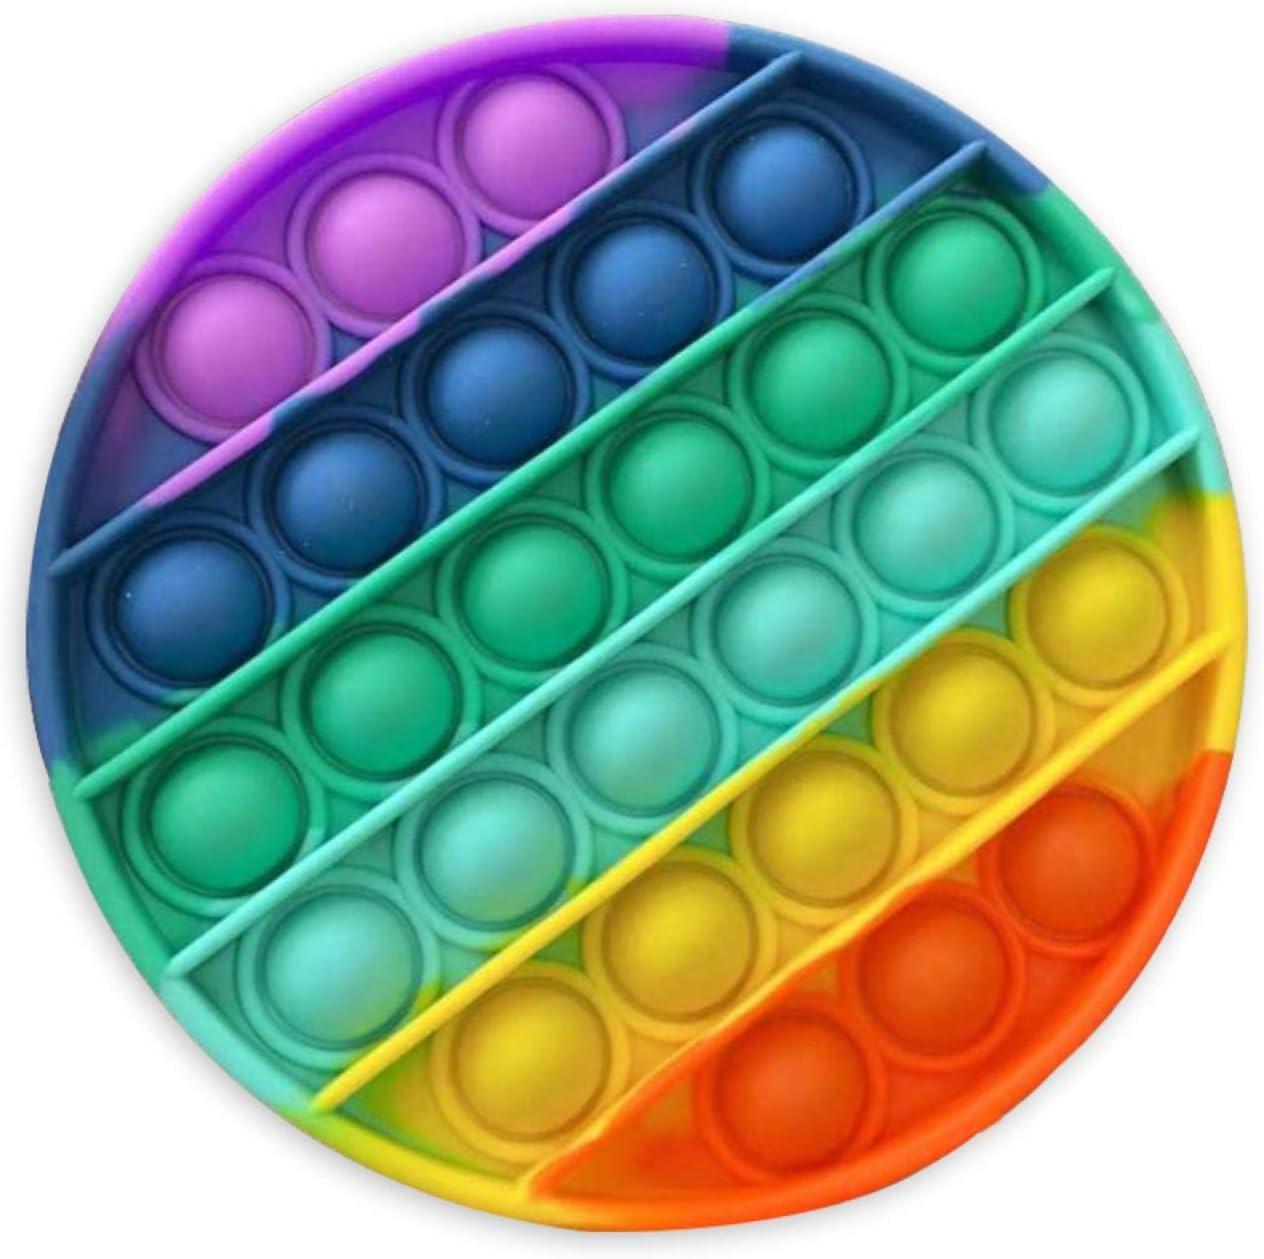 MUSJOS Push Pop Bubble Sensory Fidget Toy Giocattoli per autismo con bisogni Speciali,Ottagono-Arancio Giocattoli Antistress e Anti-ansia per Bambini e Adulti Pop it Fidget Toy